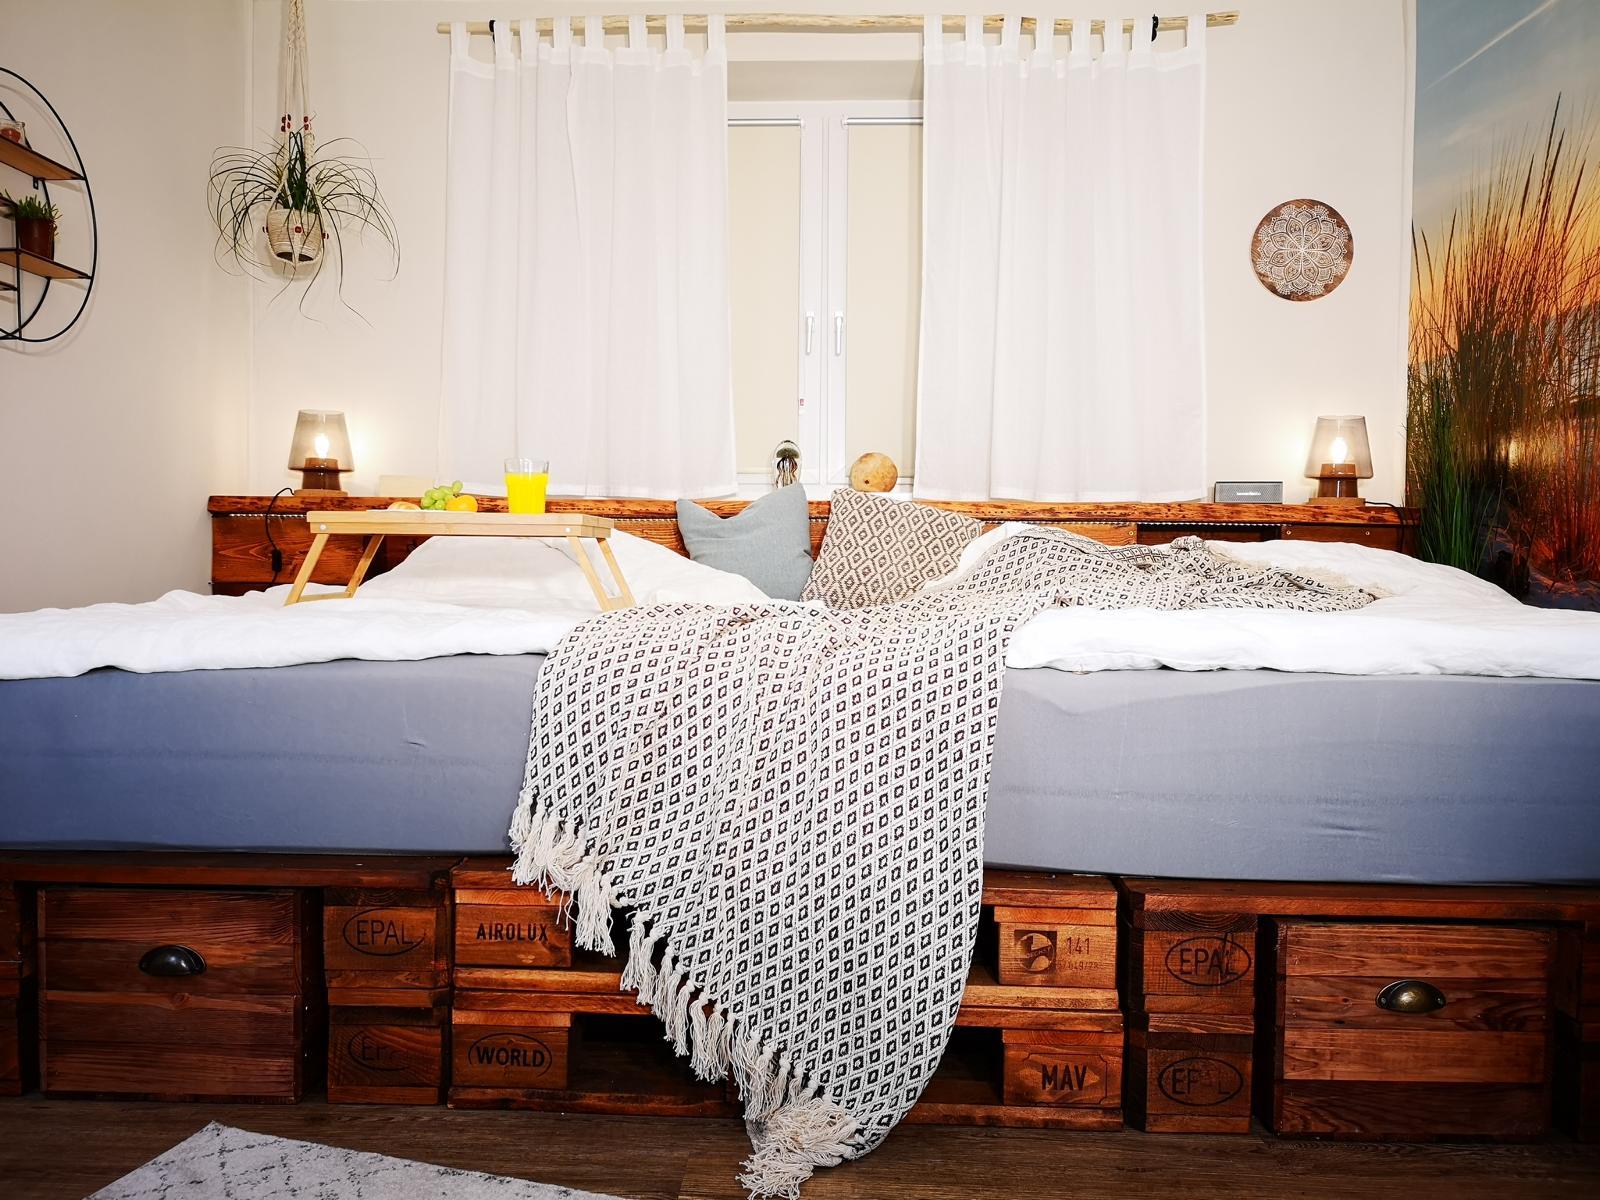 Full Size of Palettenbett Selber Bauen Kaufen Europaletten Betten Bett Kopfteil Machen Regale 140x200 Fenster Einbauen Kosten Einbauküche Bodengleiche Dusche Nachträglich Wohnzimmer Palettenbett Selber Bauen